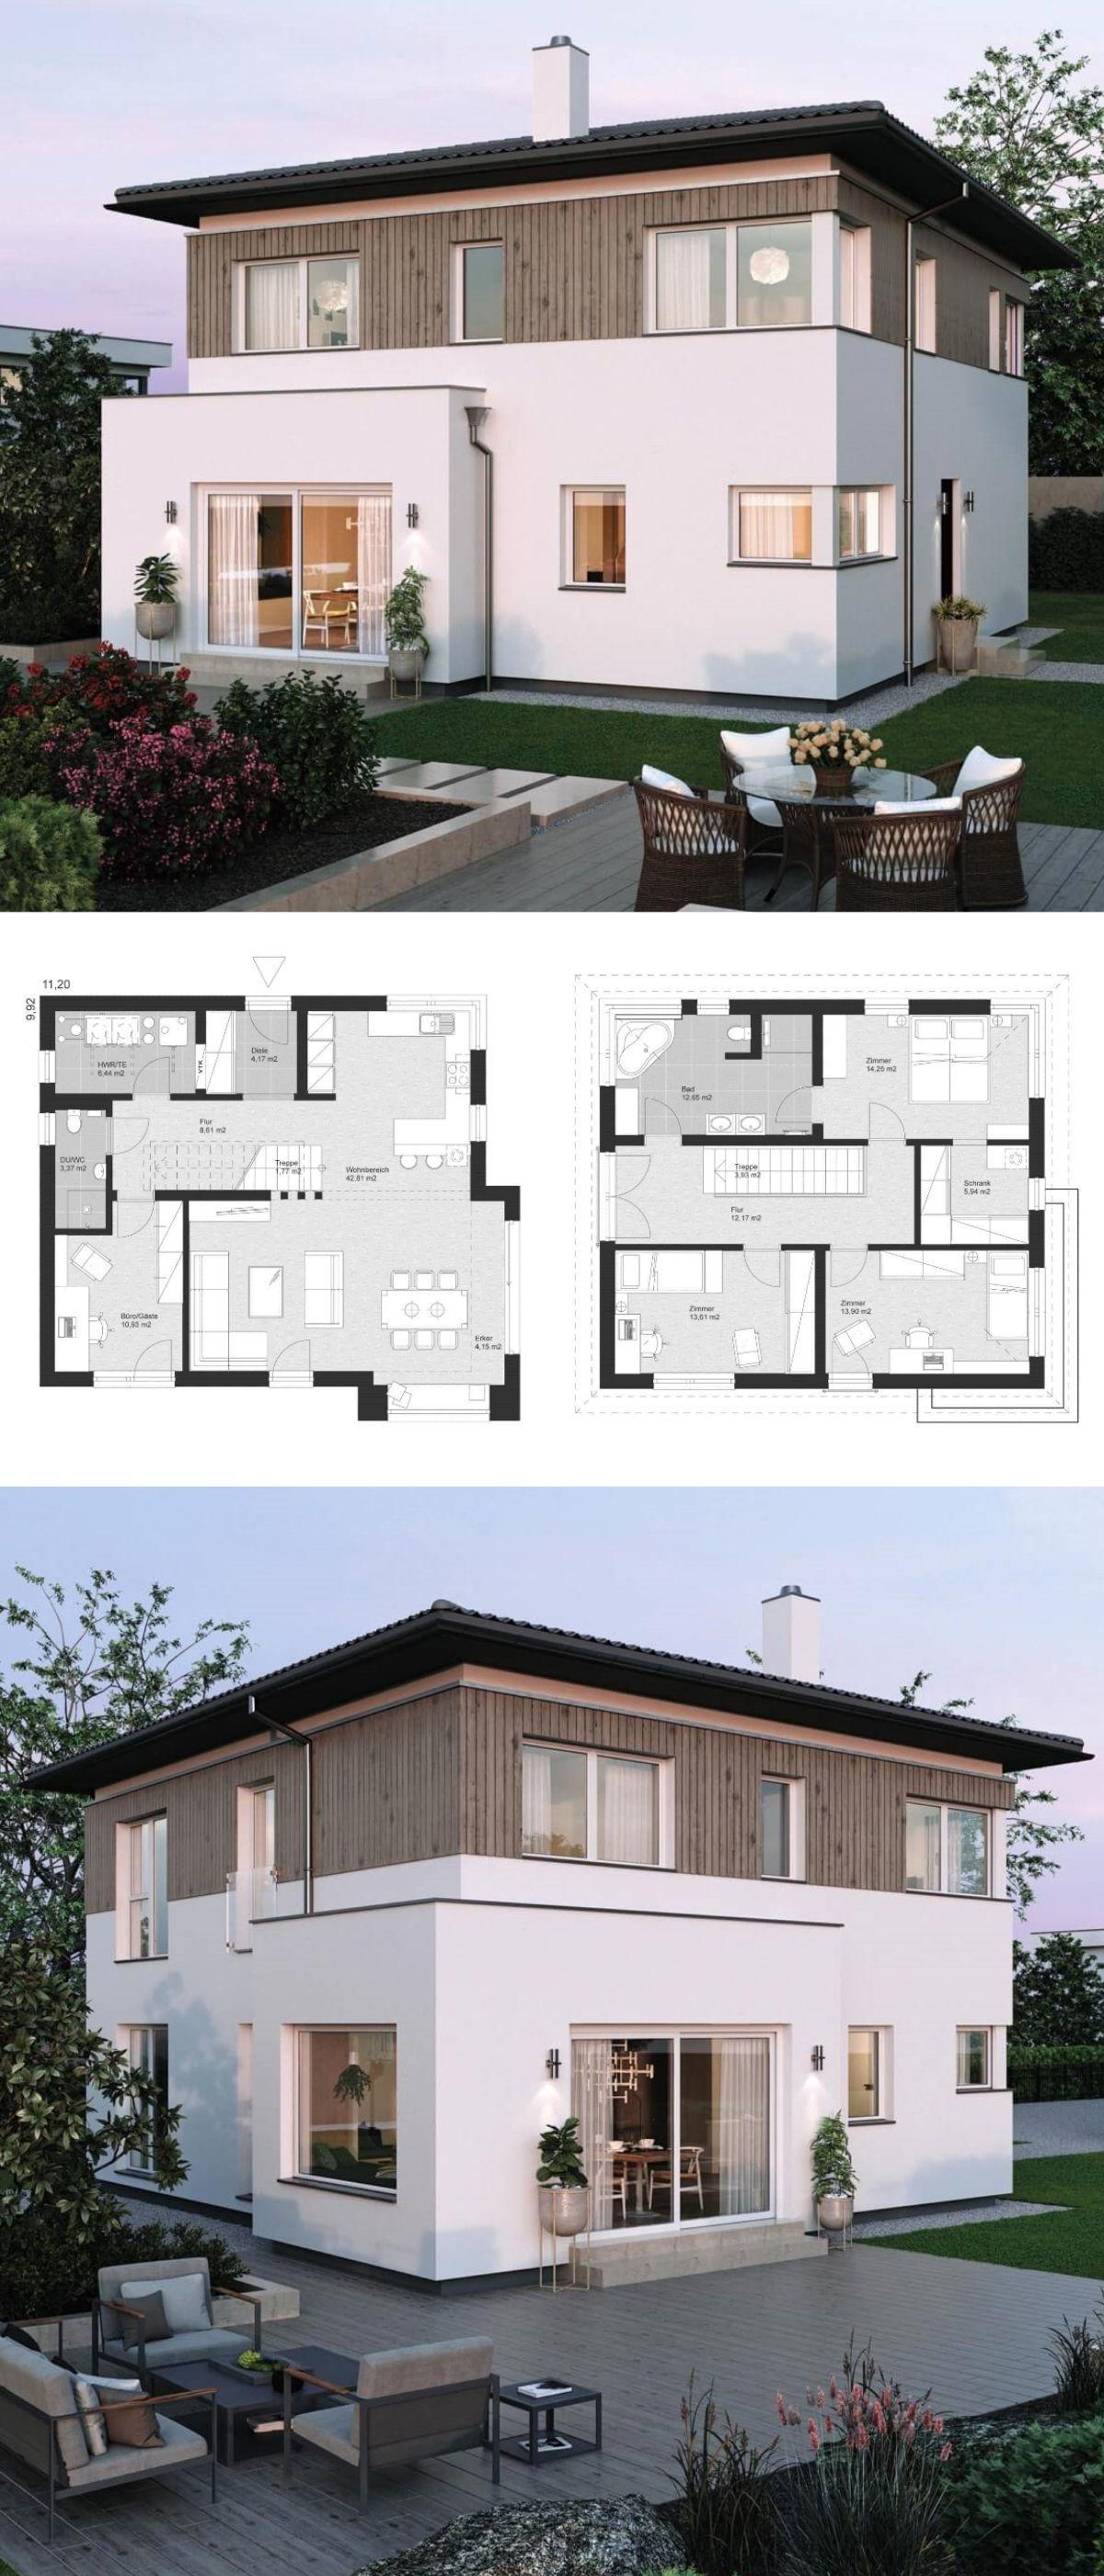 Moderne landhaus stadtvilla grundriss mit walmdach for Einfamilienhaus bauen ideen